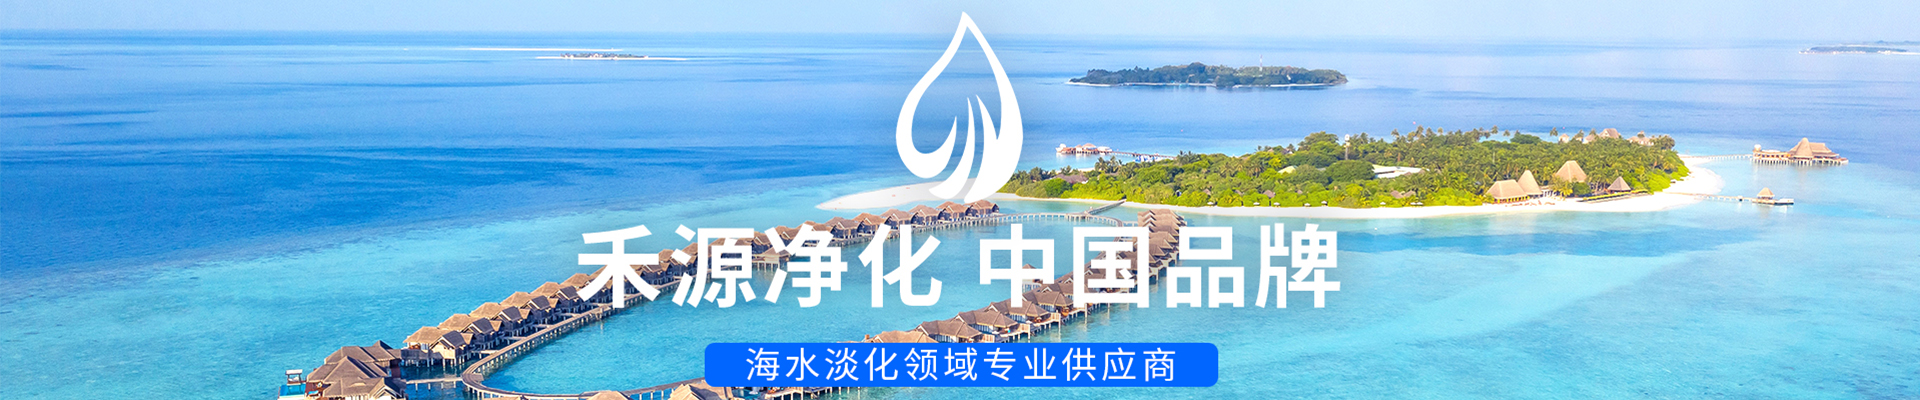 台州禾源净化设备科技nba山猫直播在线观看公司介绍